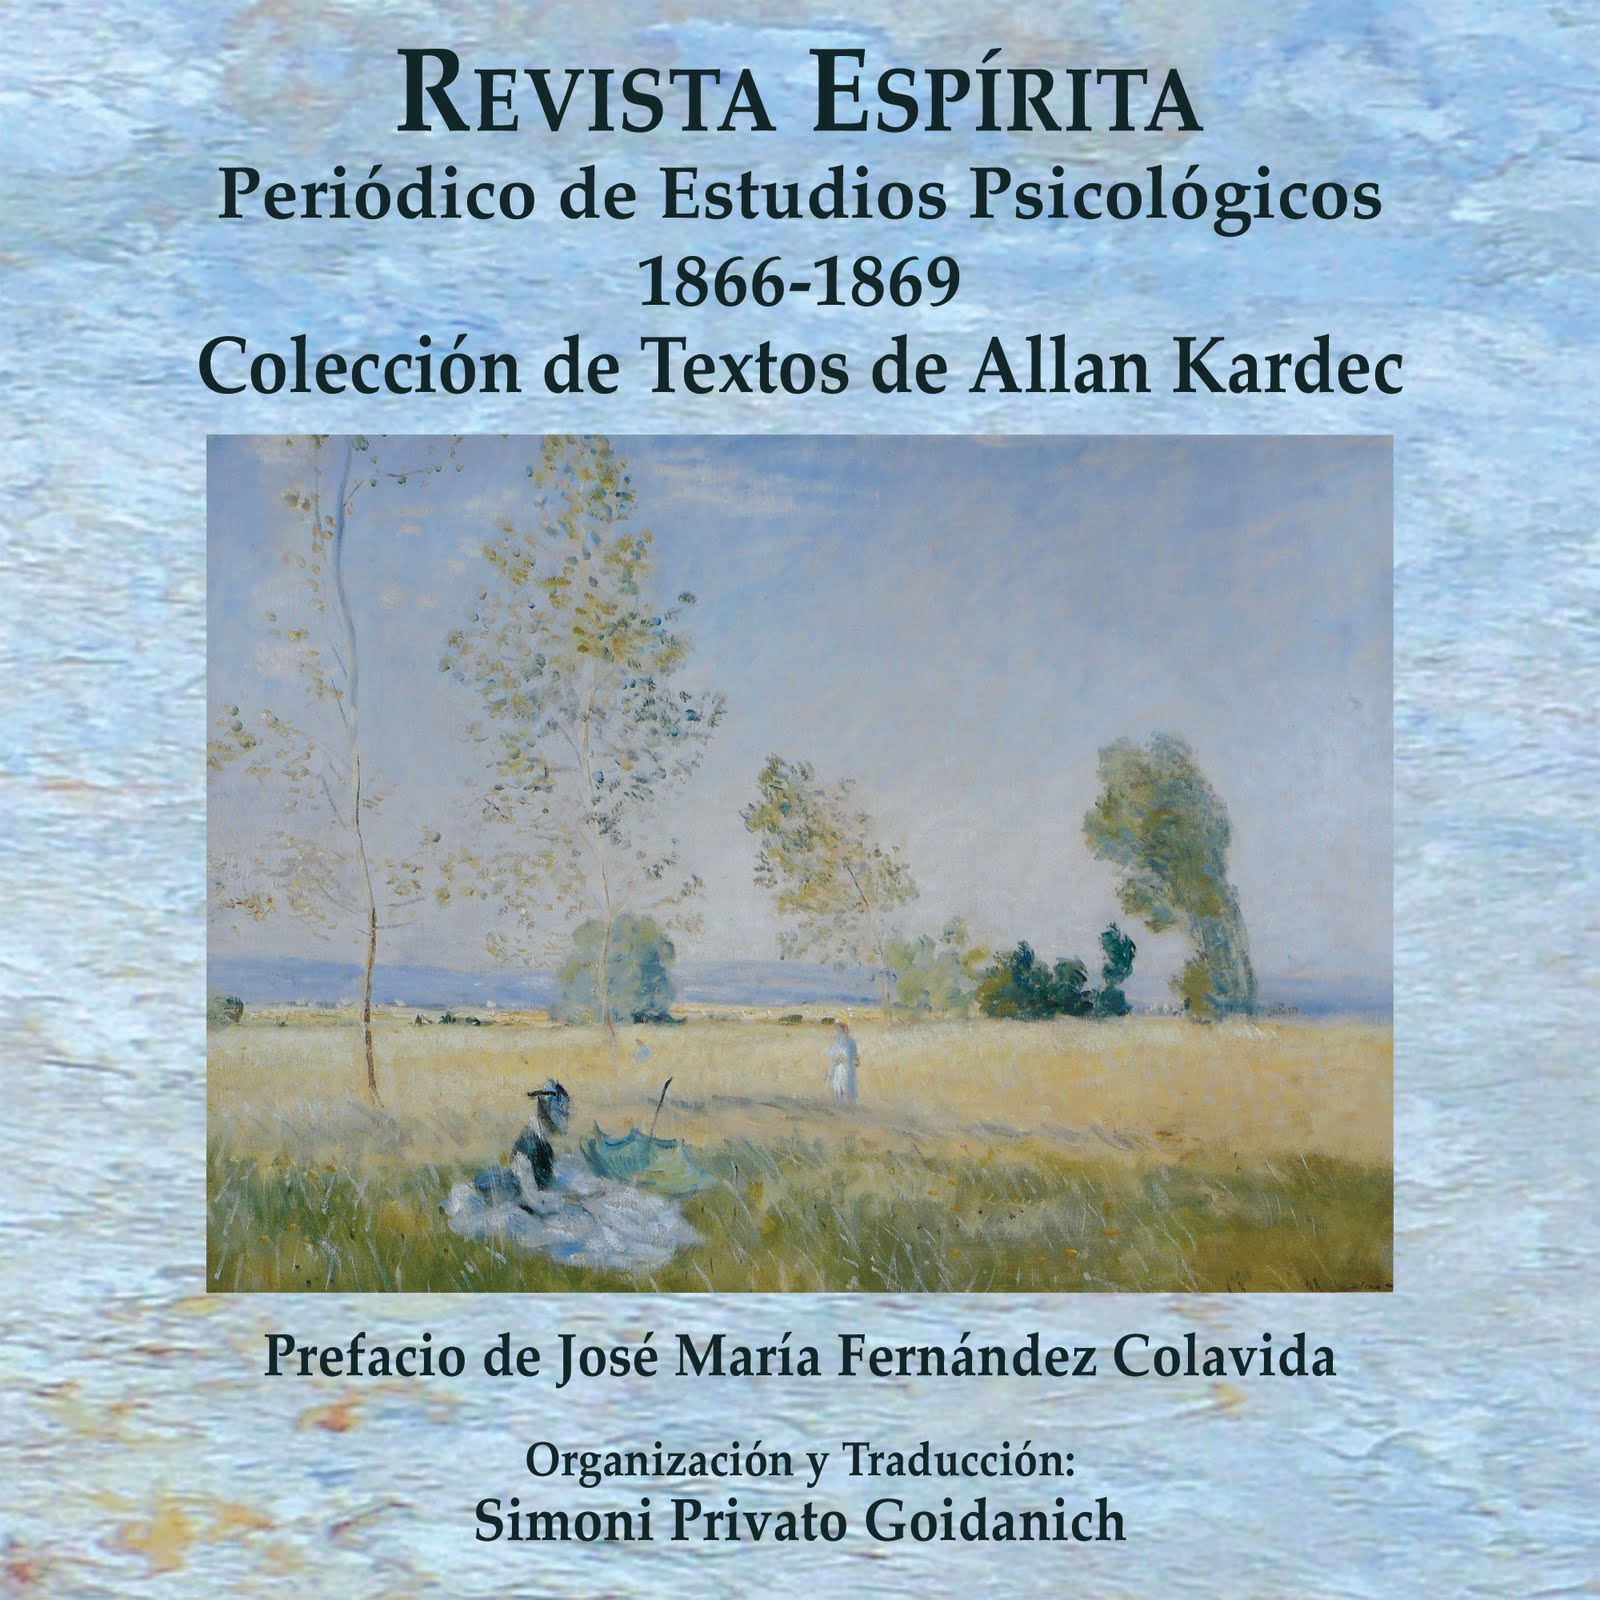 Tercer volumen de la Trilogía sobre la Revue Spirite, de Allan Kardec